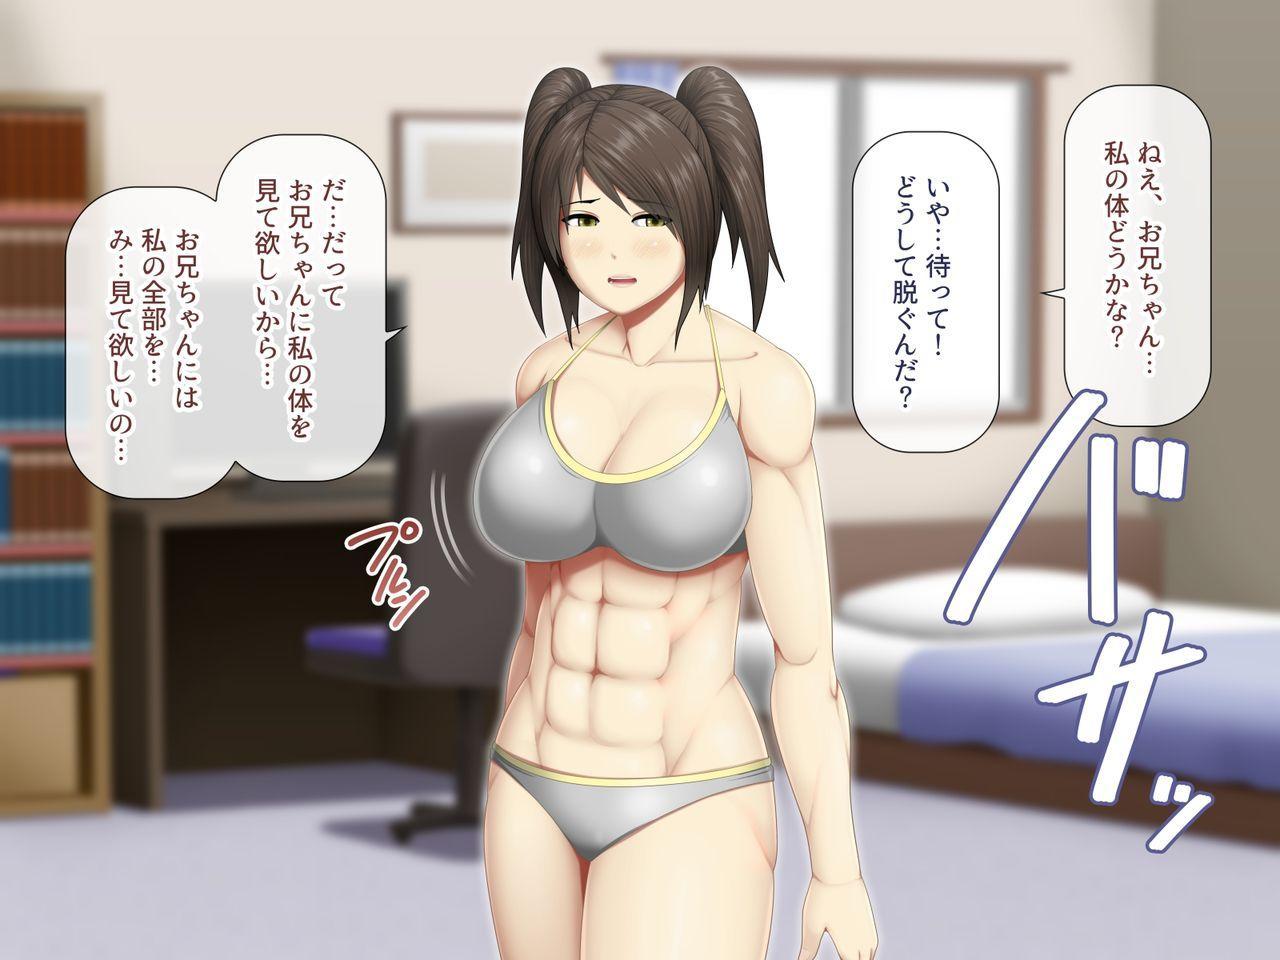 Uchiki na Jyumai ga Ore no Tame ni Karada o Kitaeta Kekka 8